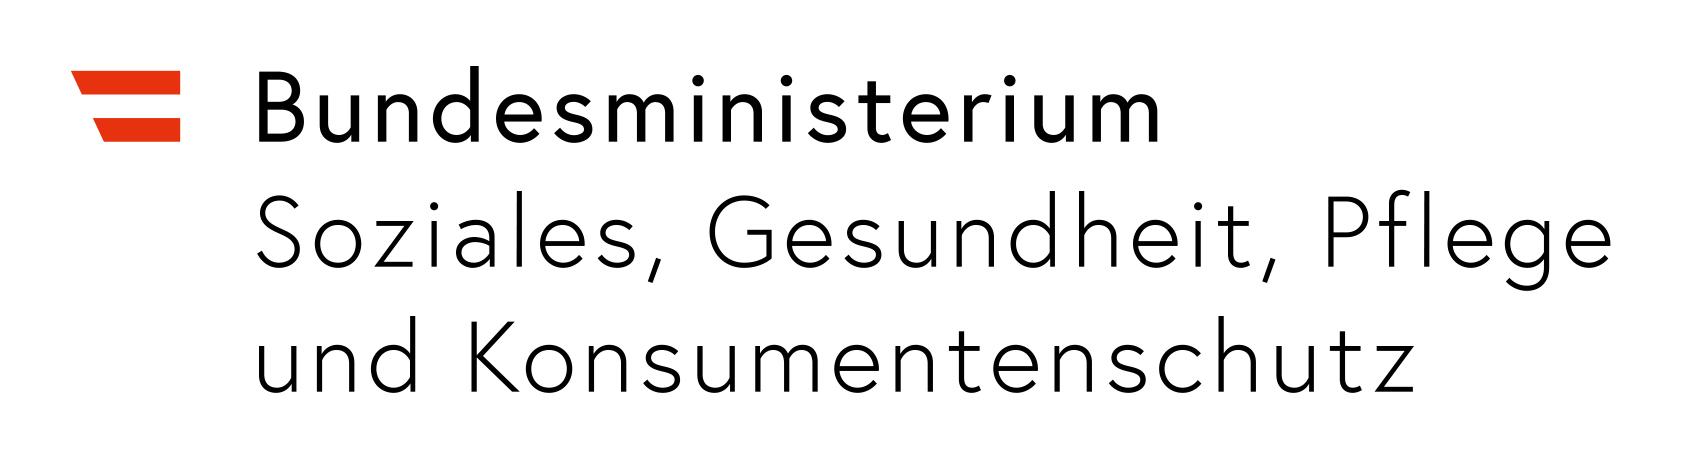 Logo Bundesminisiterium für Soziales, Gesundheit, Pflege und Konsumentenschutz